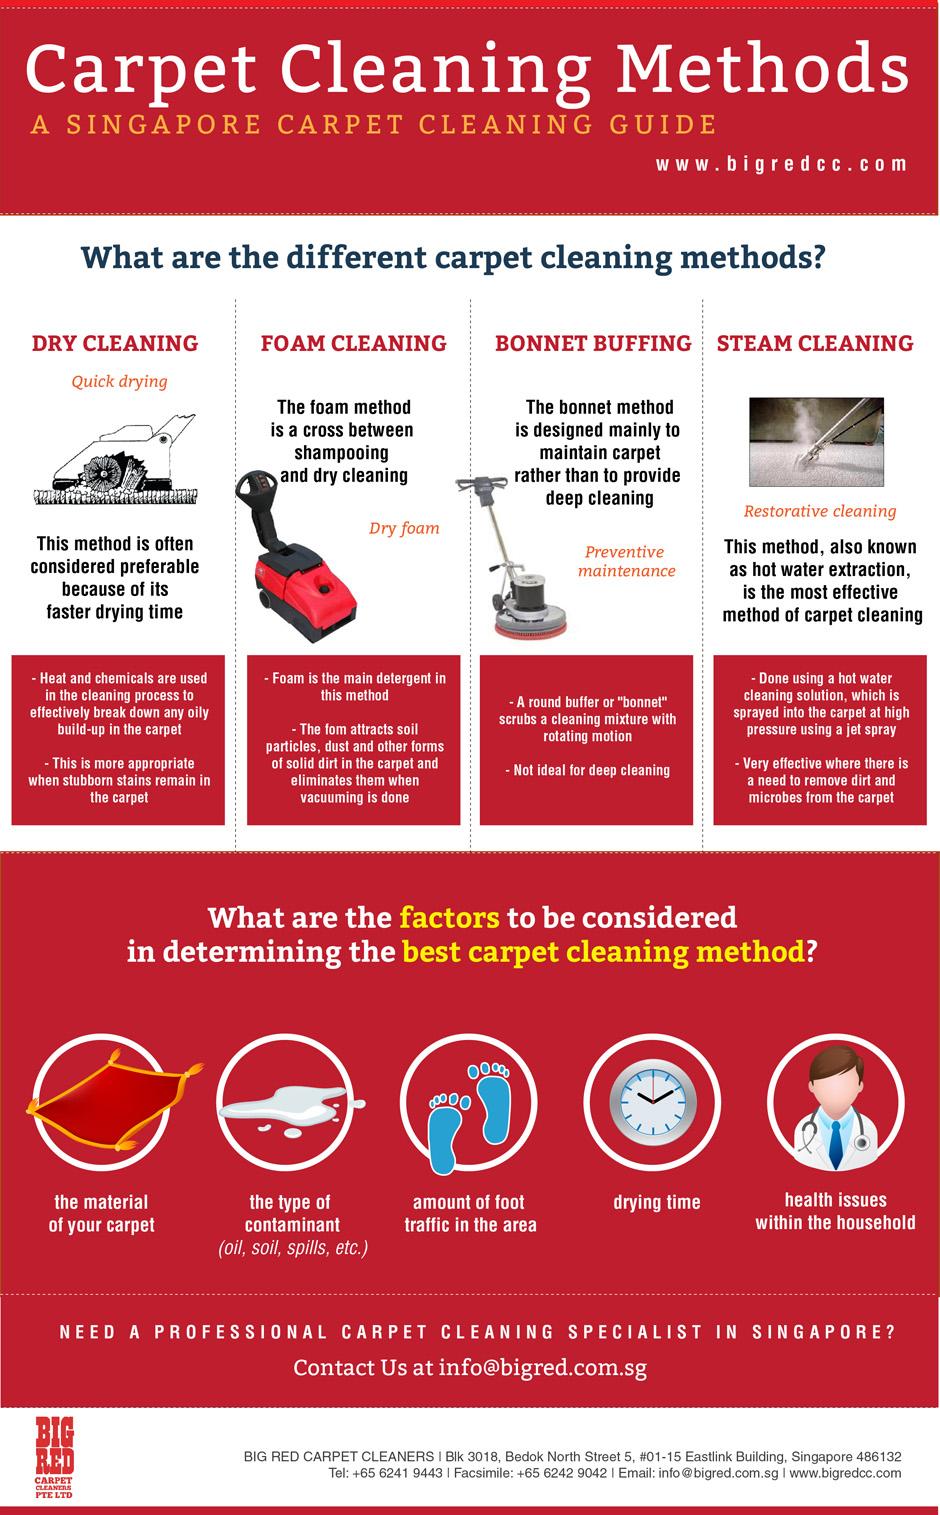 big red carpet cleaners pte ltd best car 2018. Black Bedroom Furniture Sets. Home Design Ideas